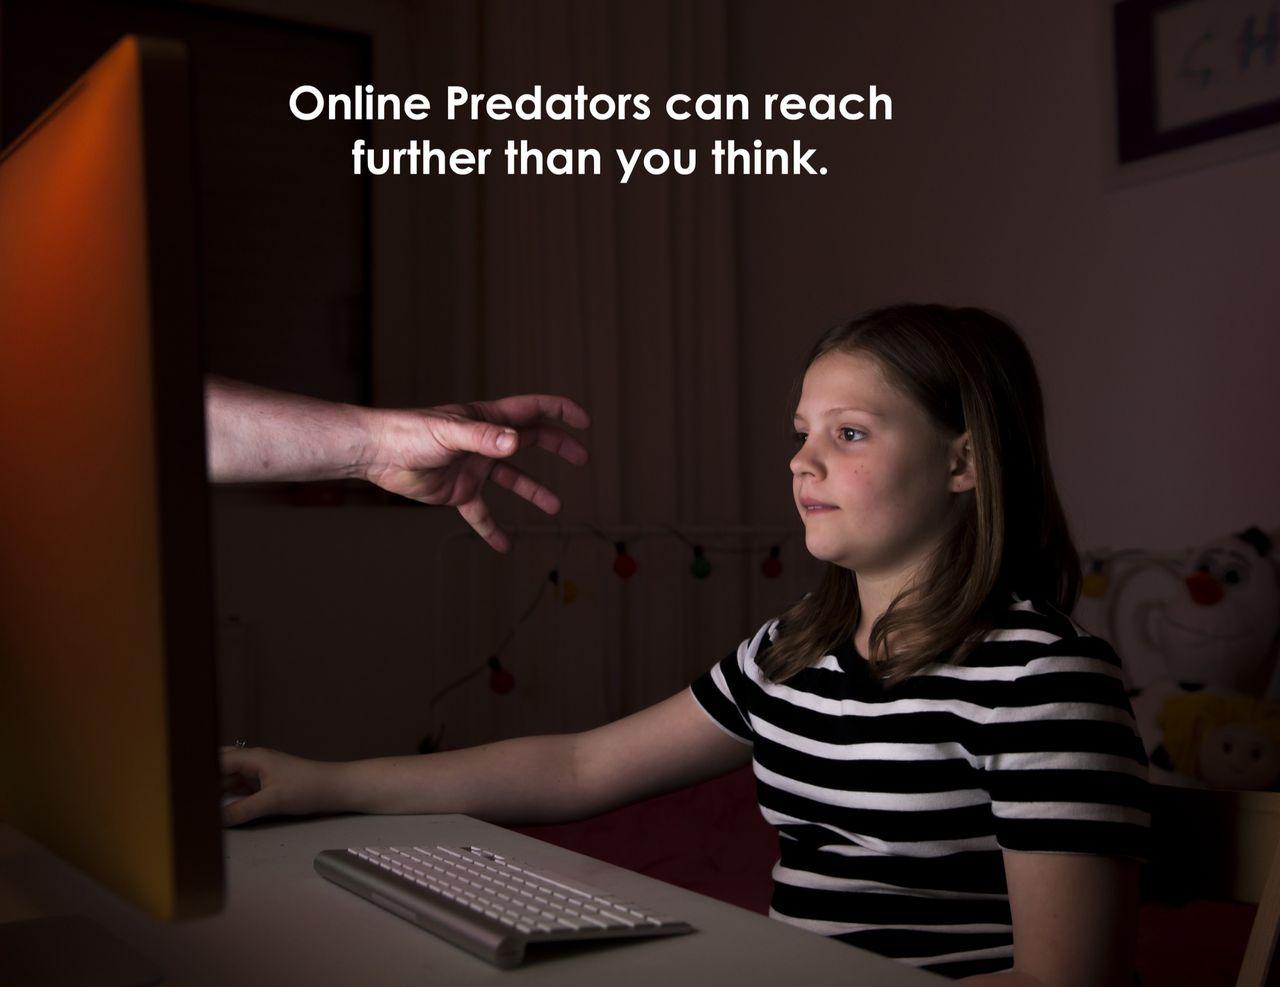 Microsoft släpper verktyg som hittar pedofiler på nätet